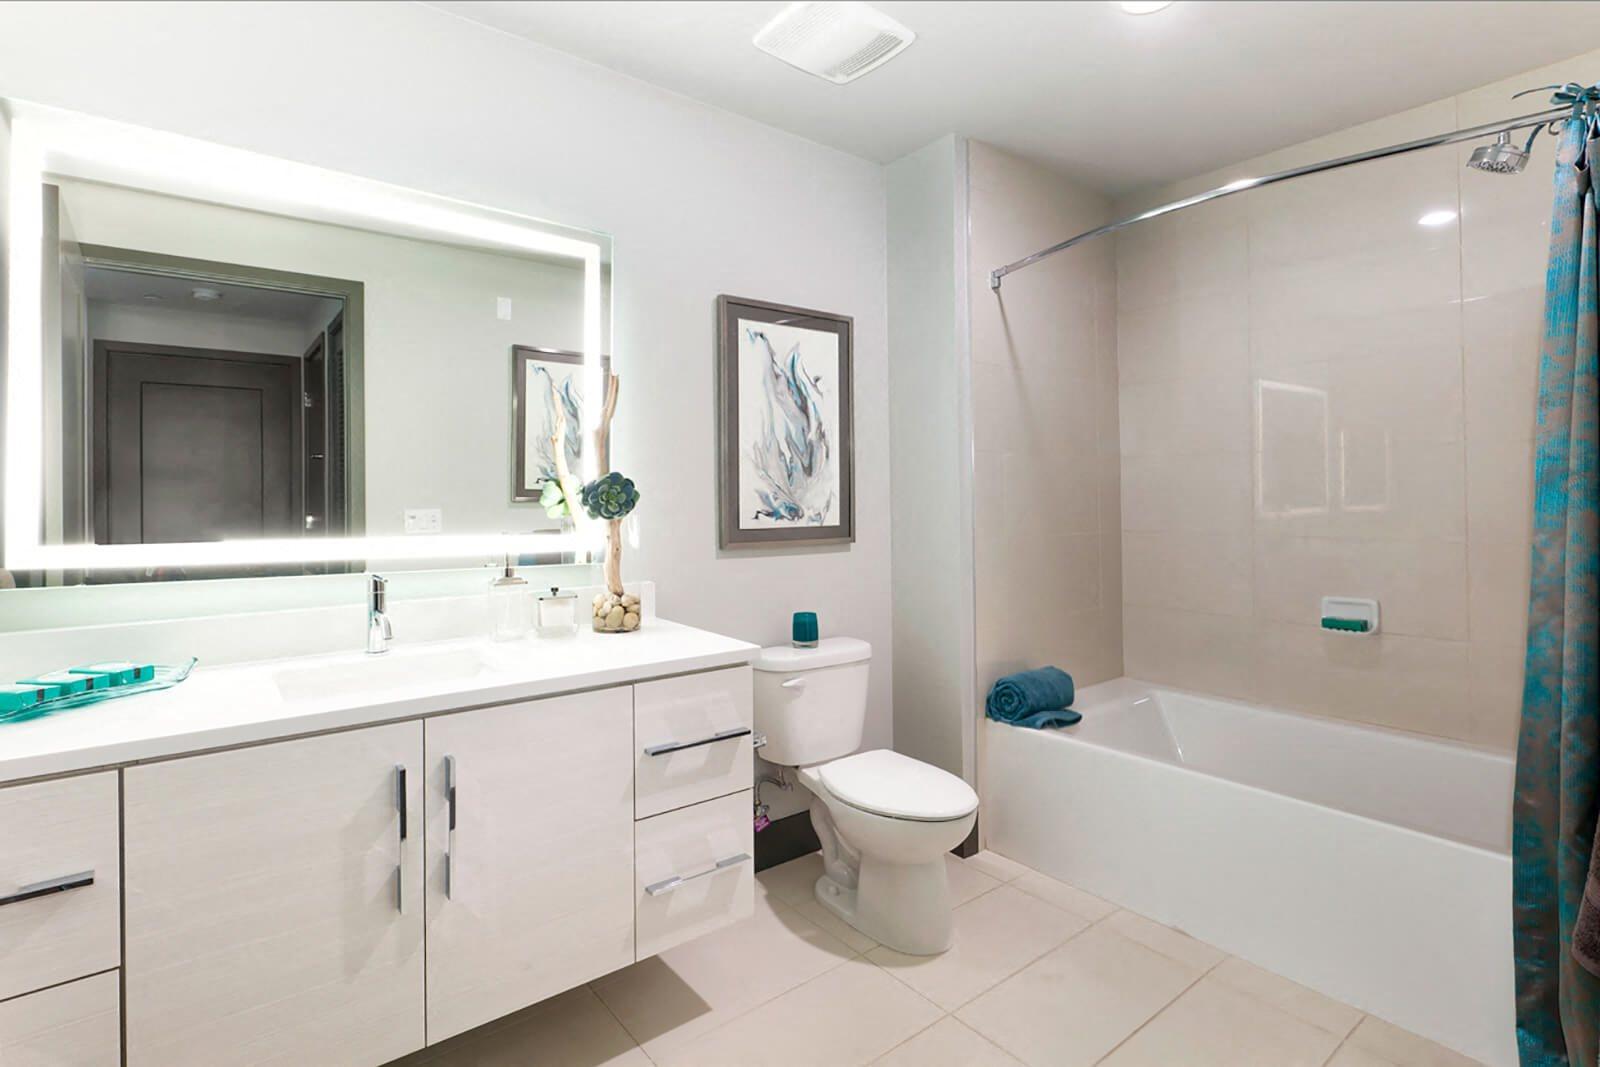 Vanity Sinks with Edge Lit Vanity Mirrors at Blu Harbor by Windsor, Redwood City, CA